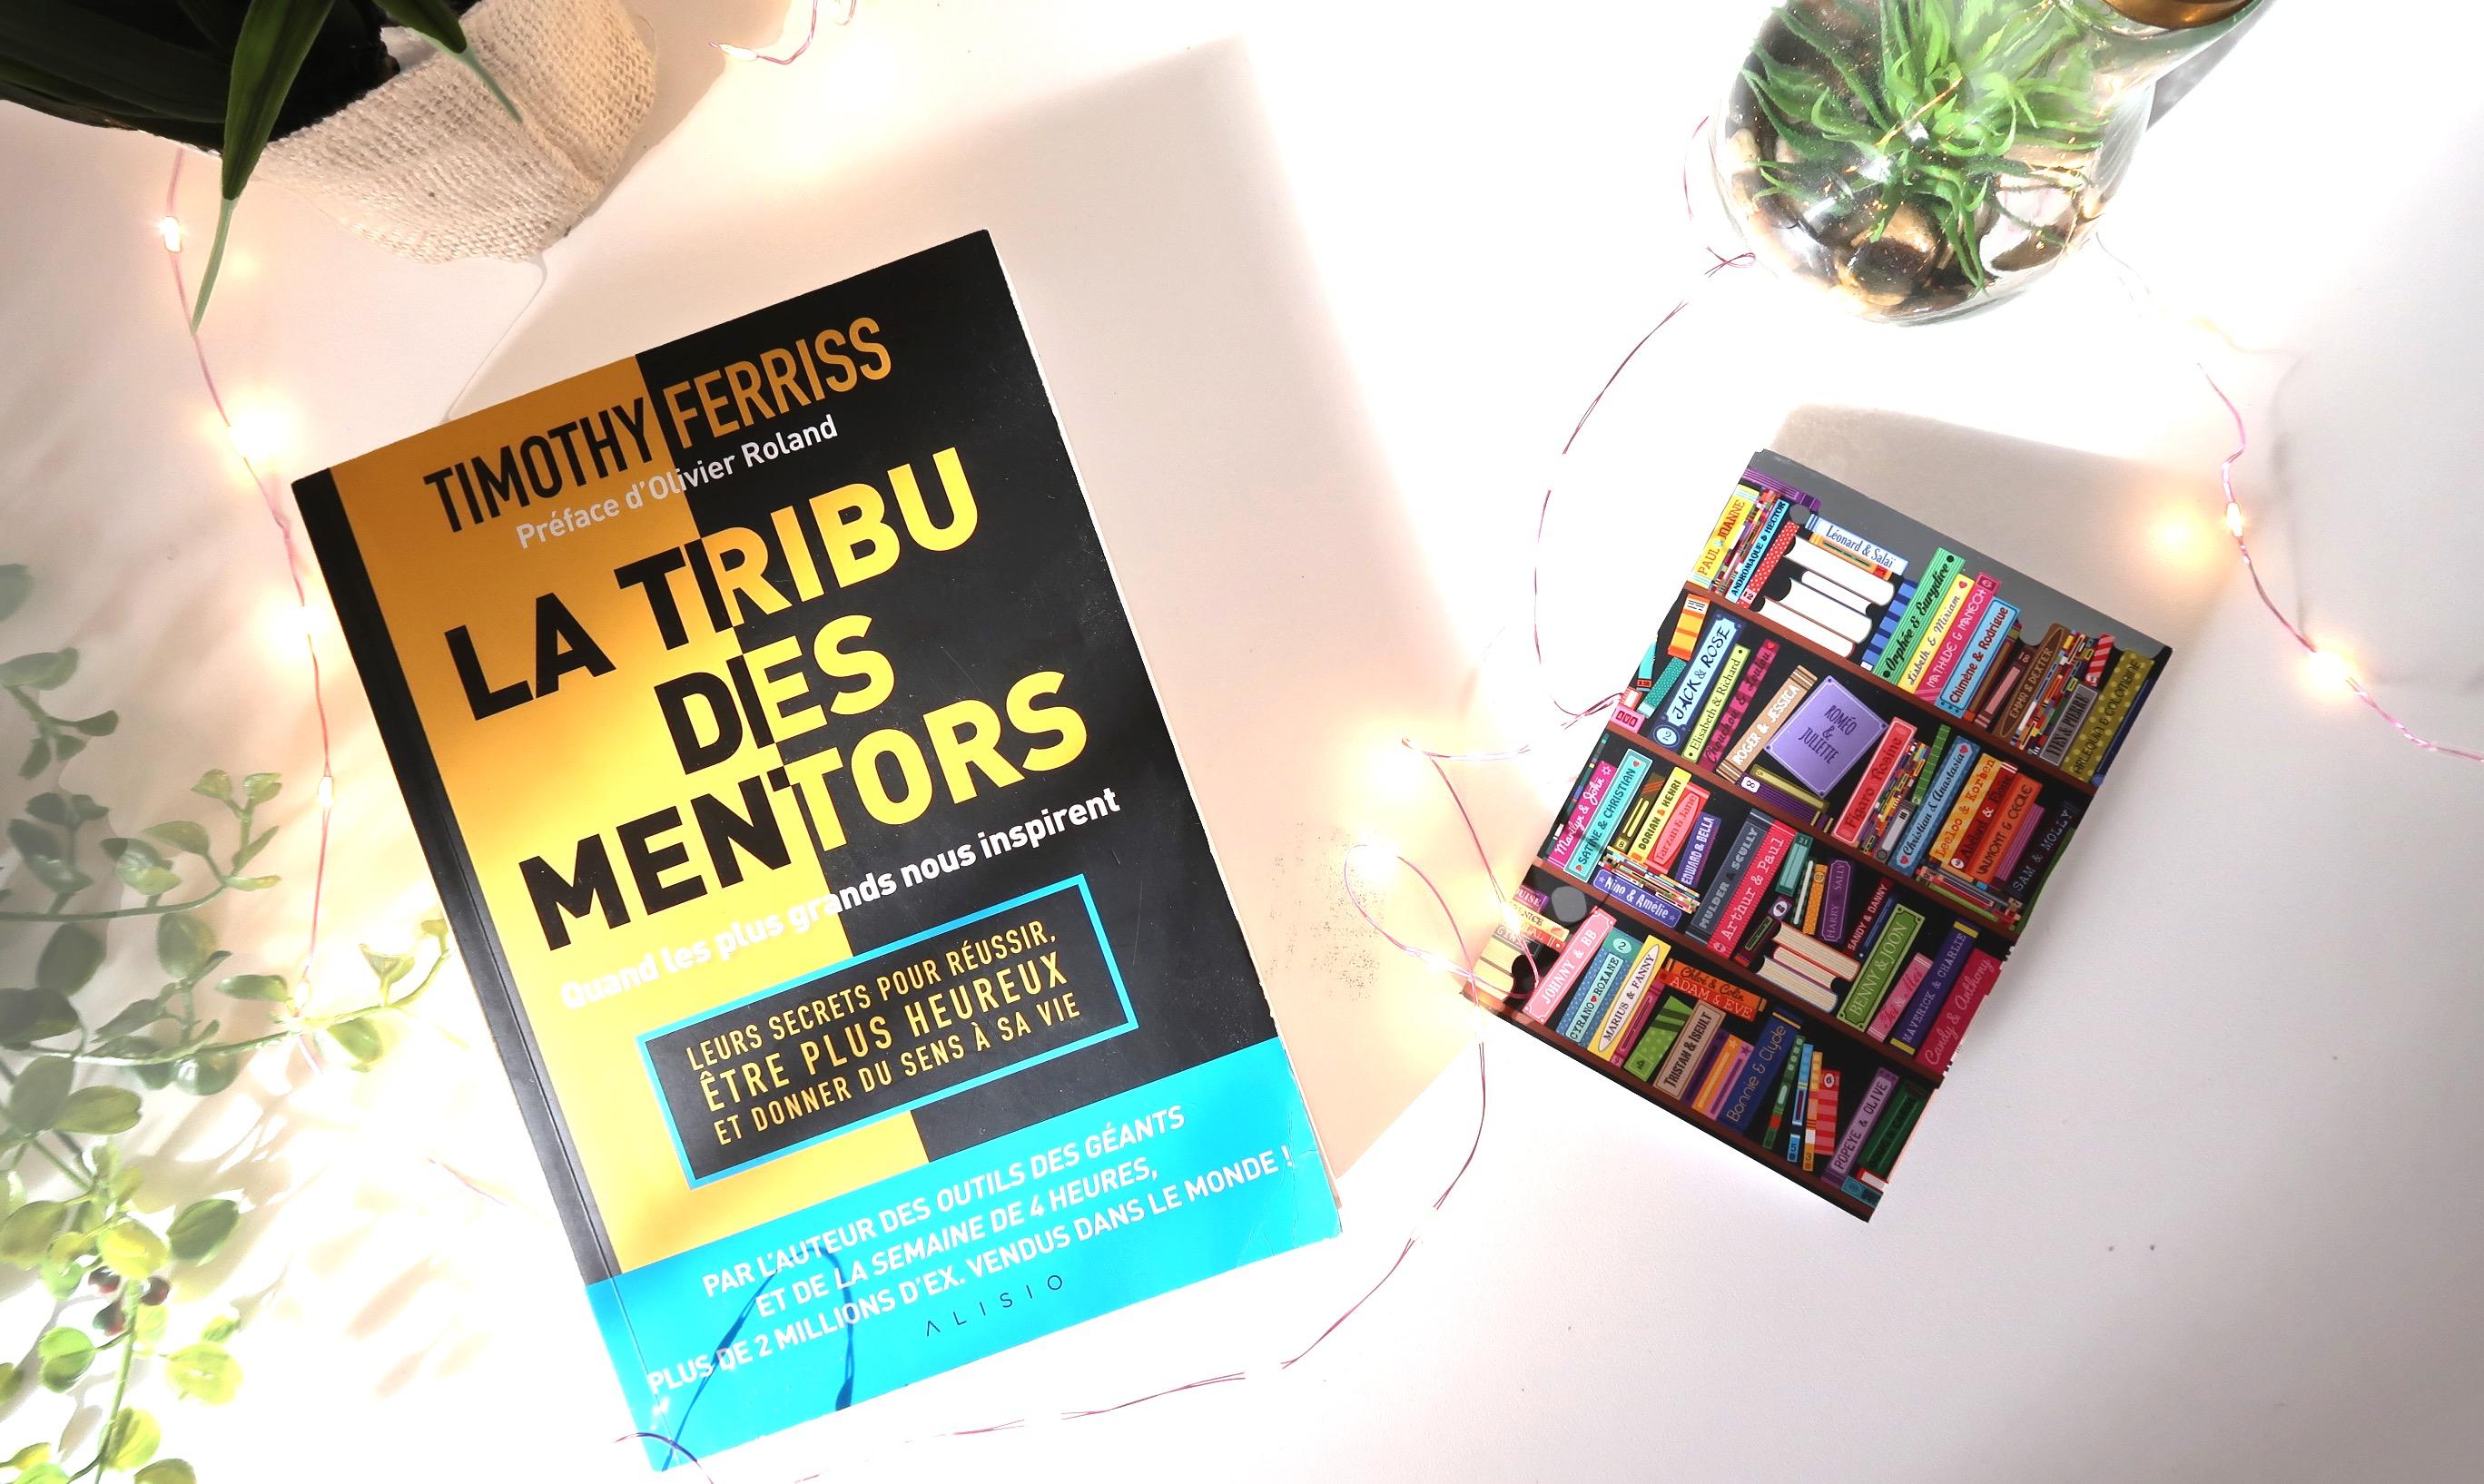 LA TRIBU DES MENTORS – TIM FERRISS 10 MEILLEURS CONSEILS